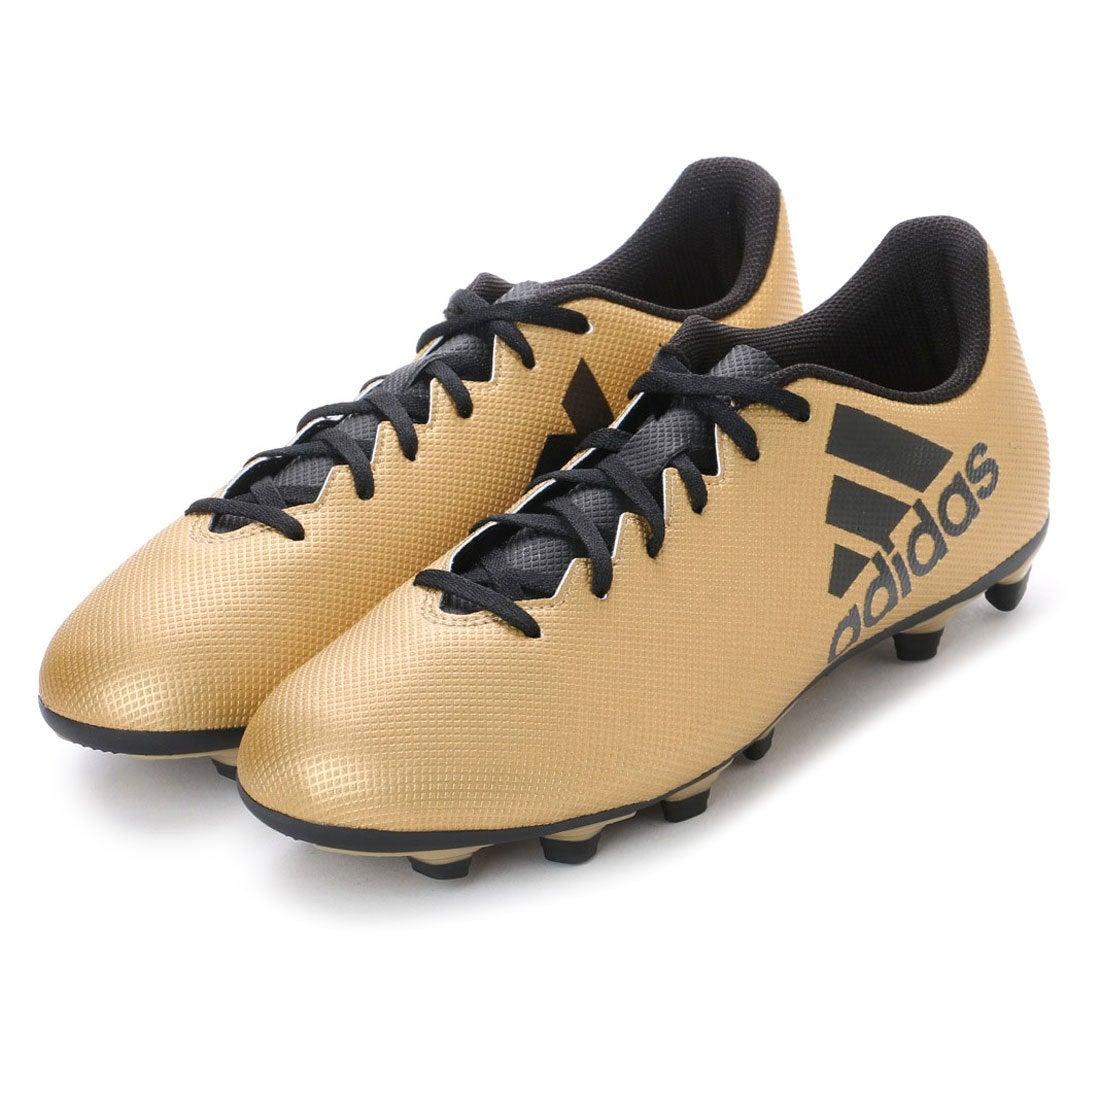 ロコンド 靴とファッションの通販サイトアディダス adidas サッカー スパイクシューズ エックス 17.4 AI1 CP9195